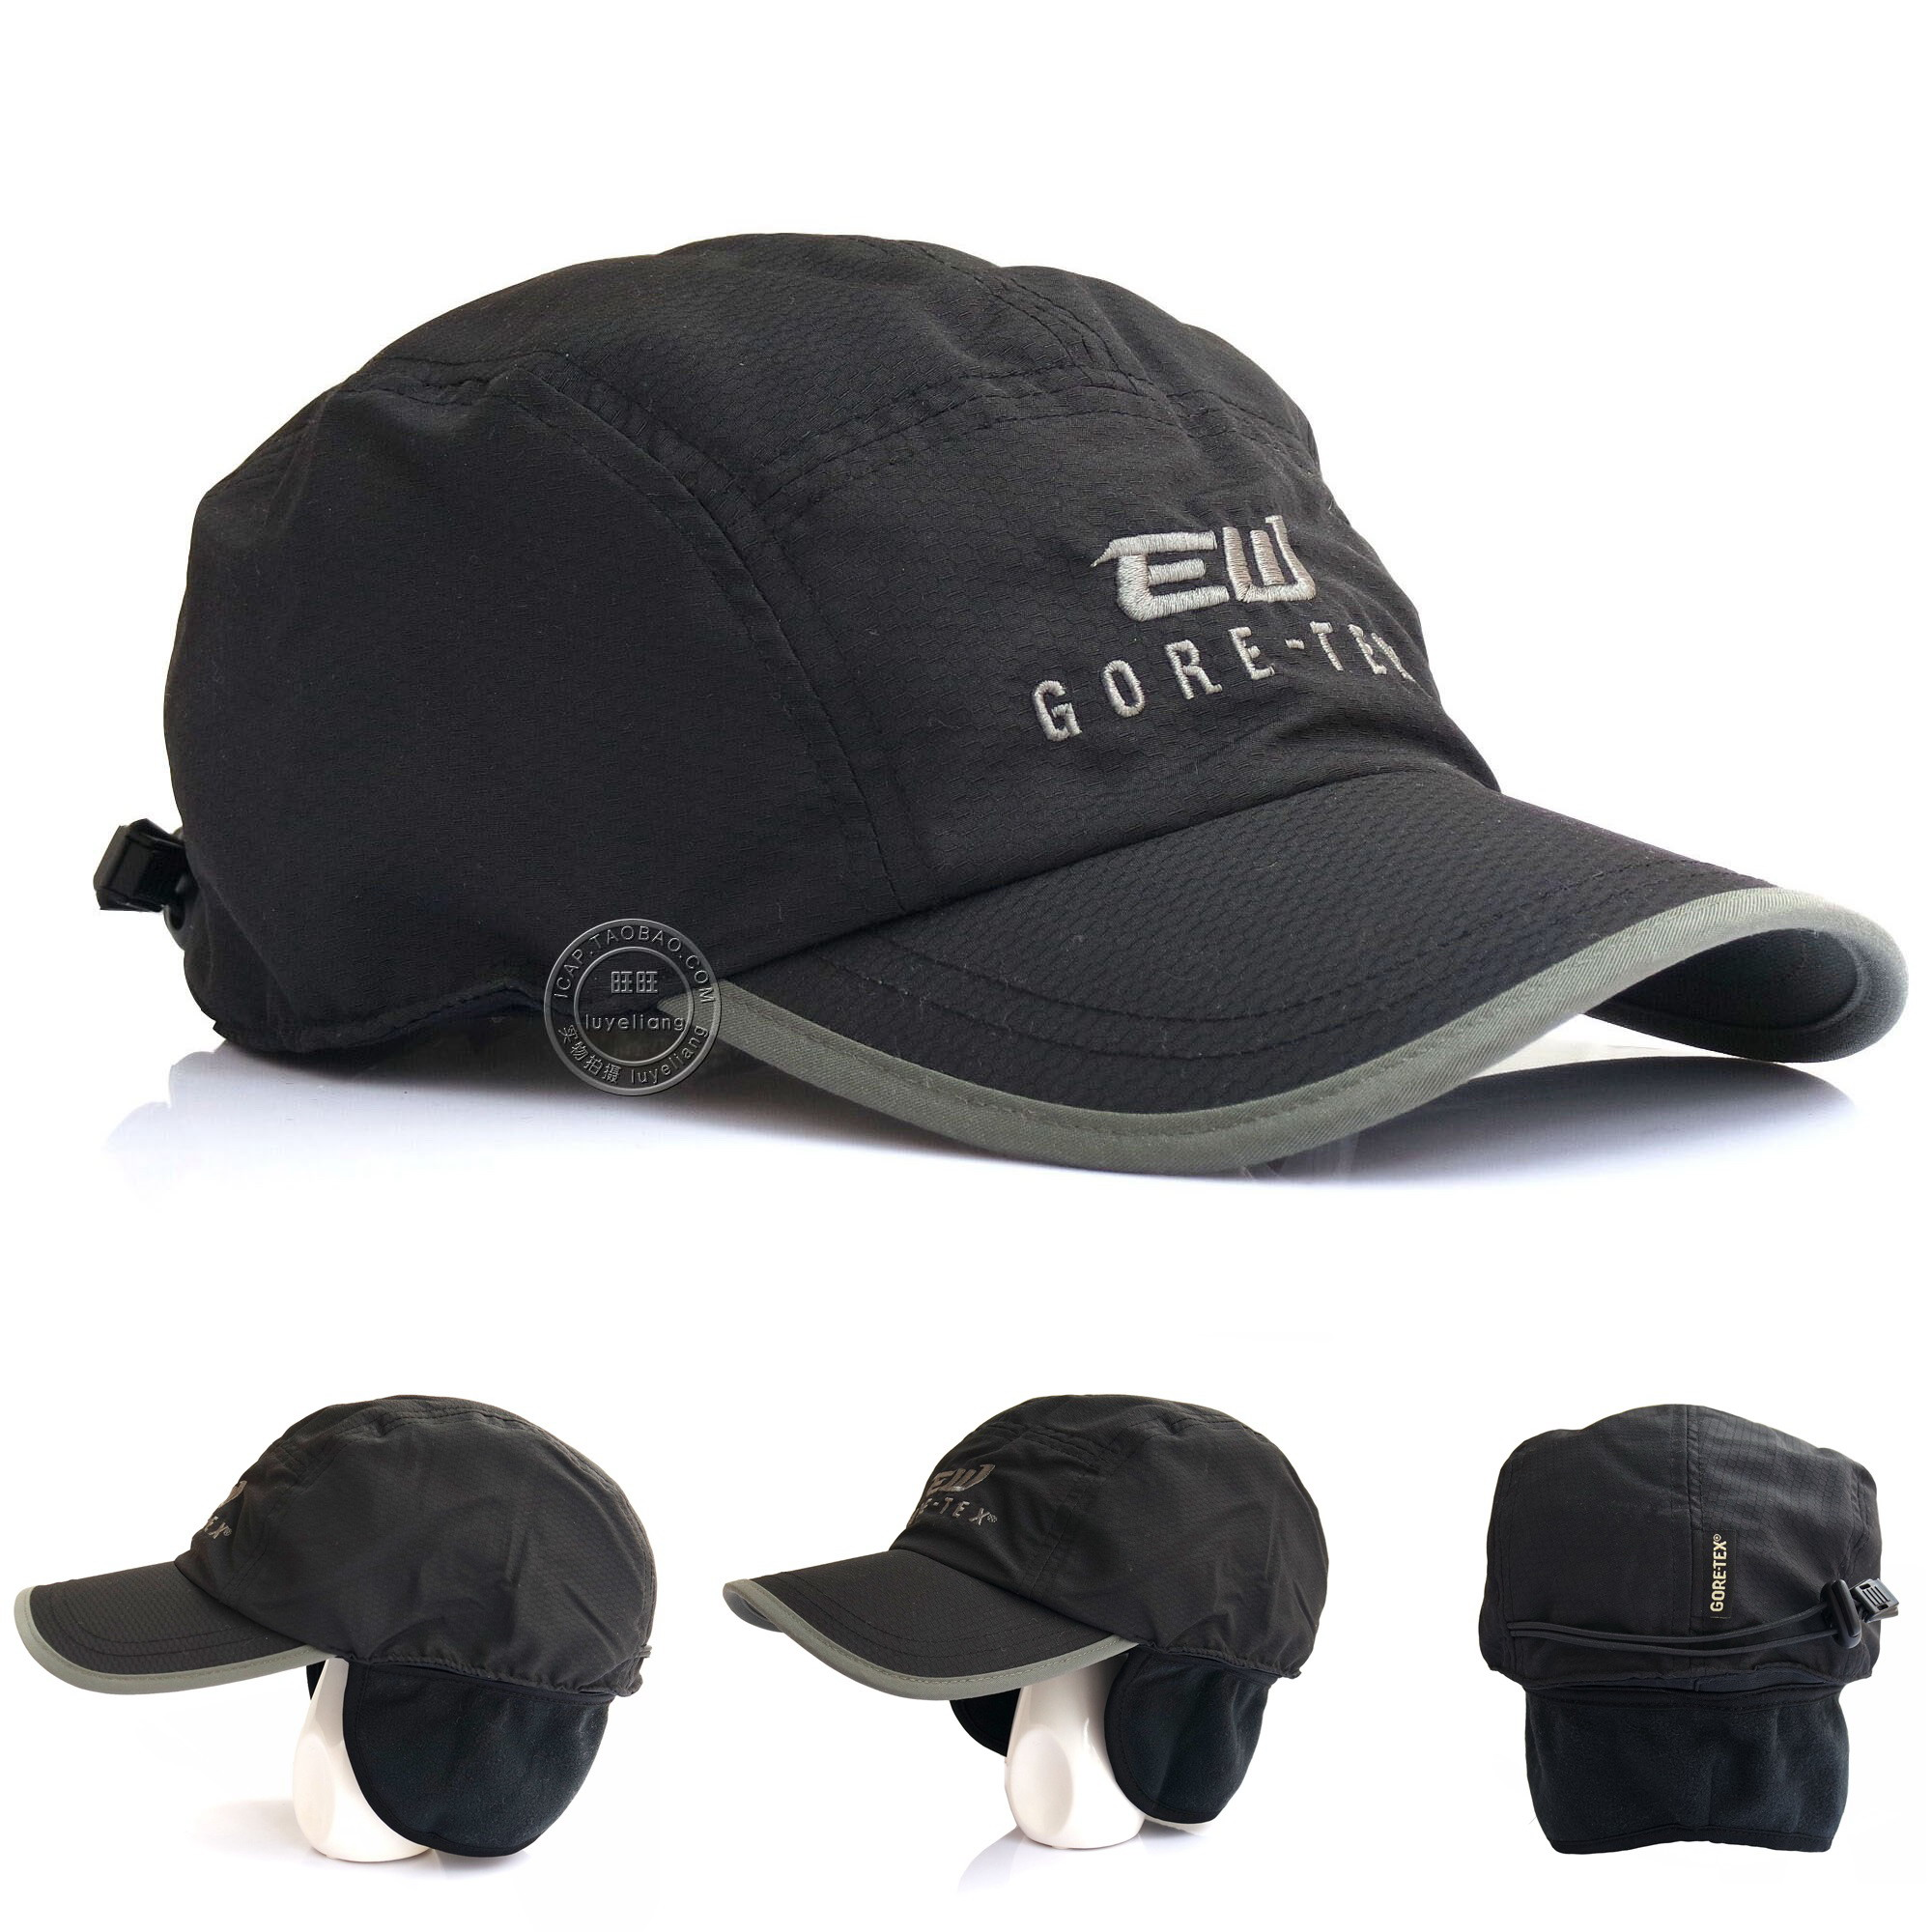 EW英国Eikowada男女户外防风防水透气秋冬护耳帽GORE-TEX平顶帽子